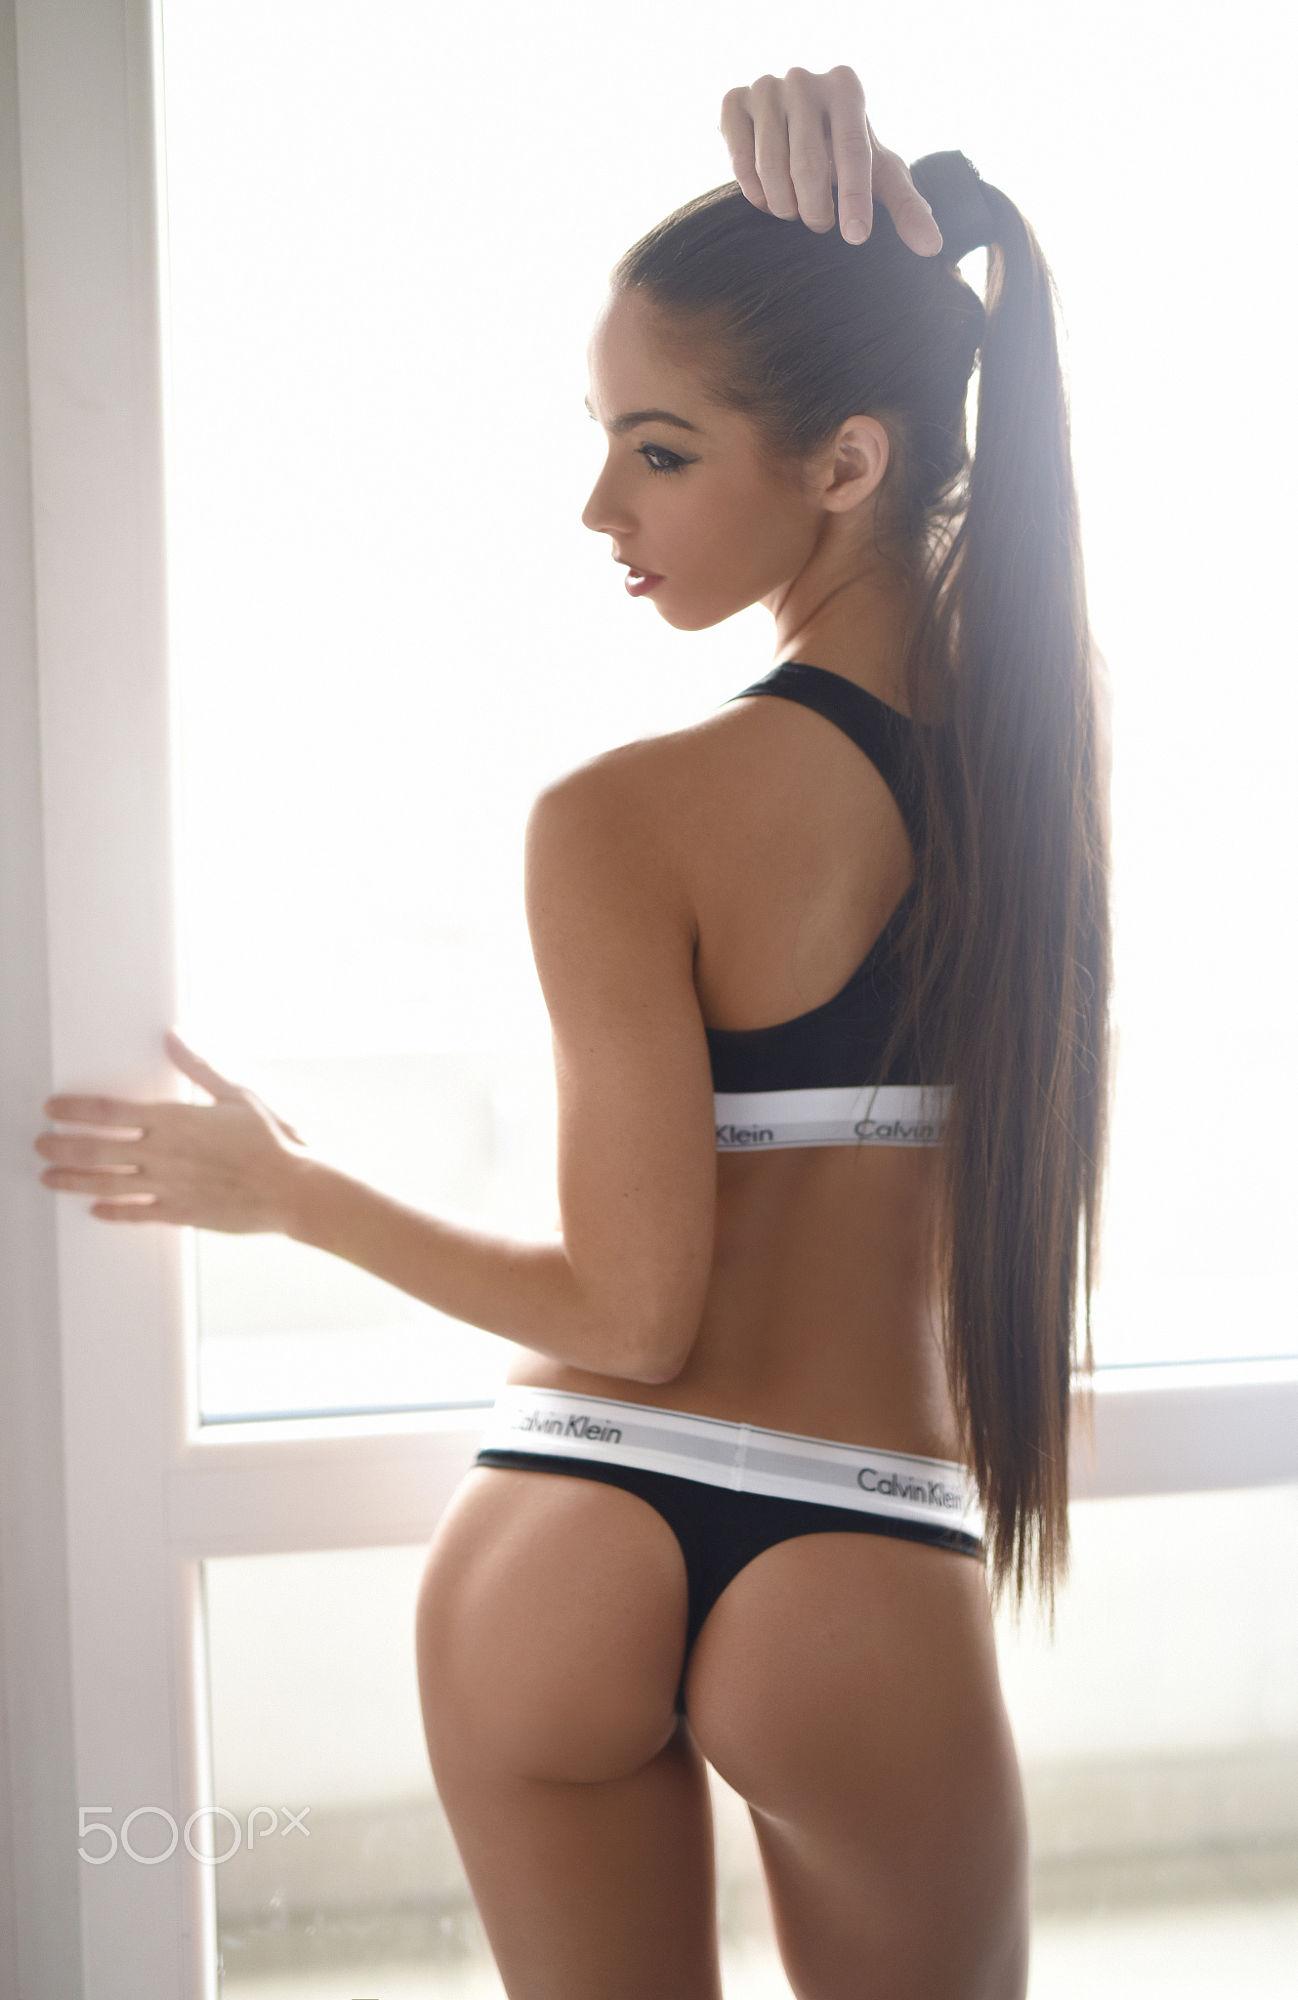 barbara-bocsi-brunette-skinny-nude-erotic-007